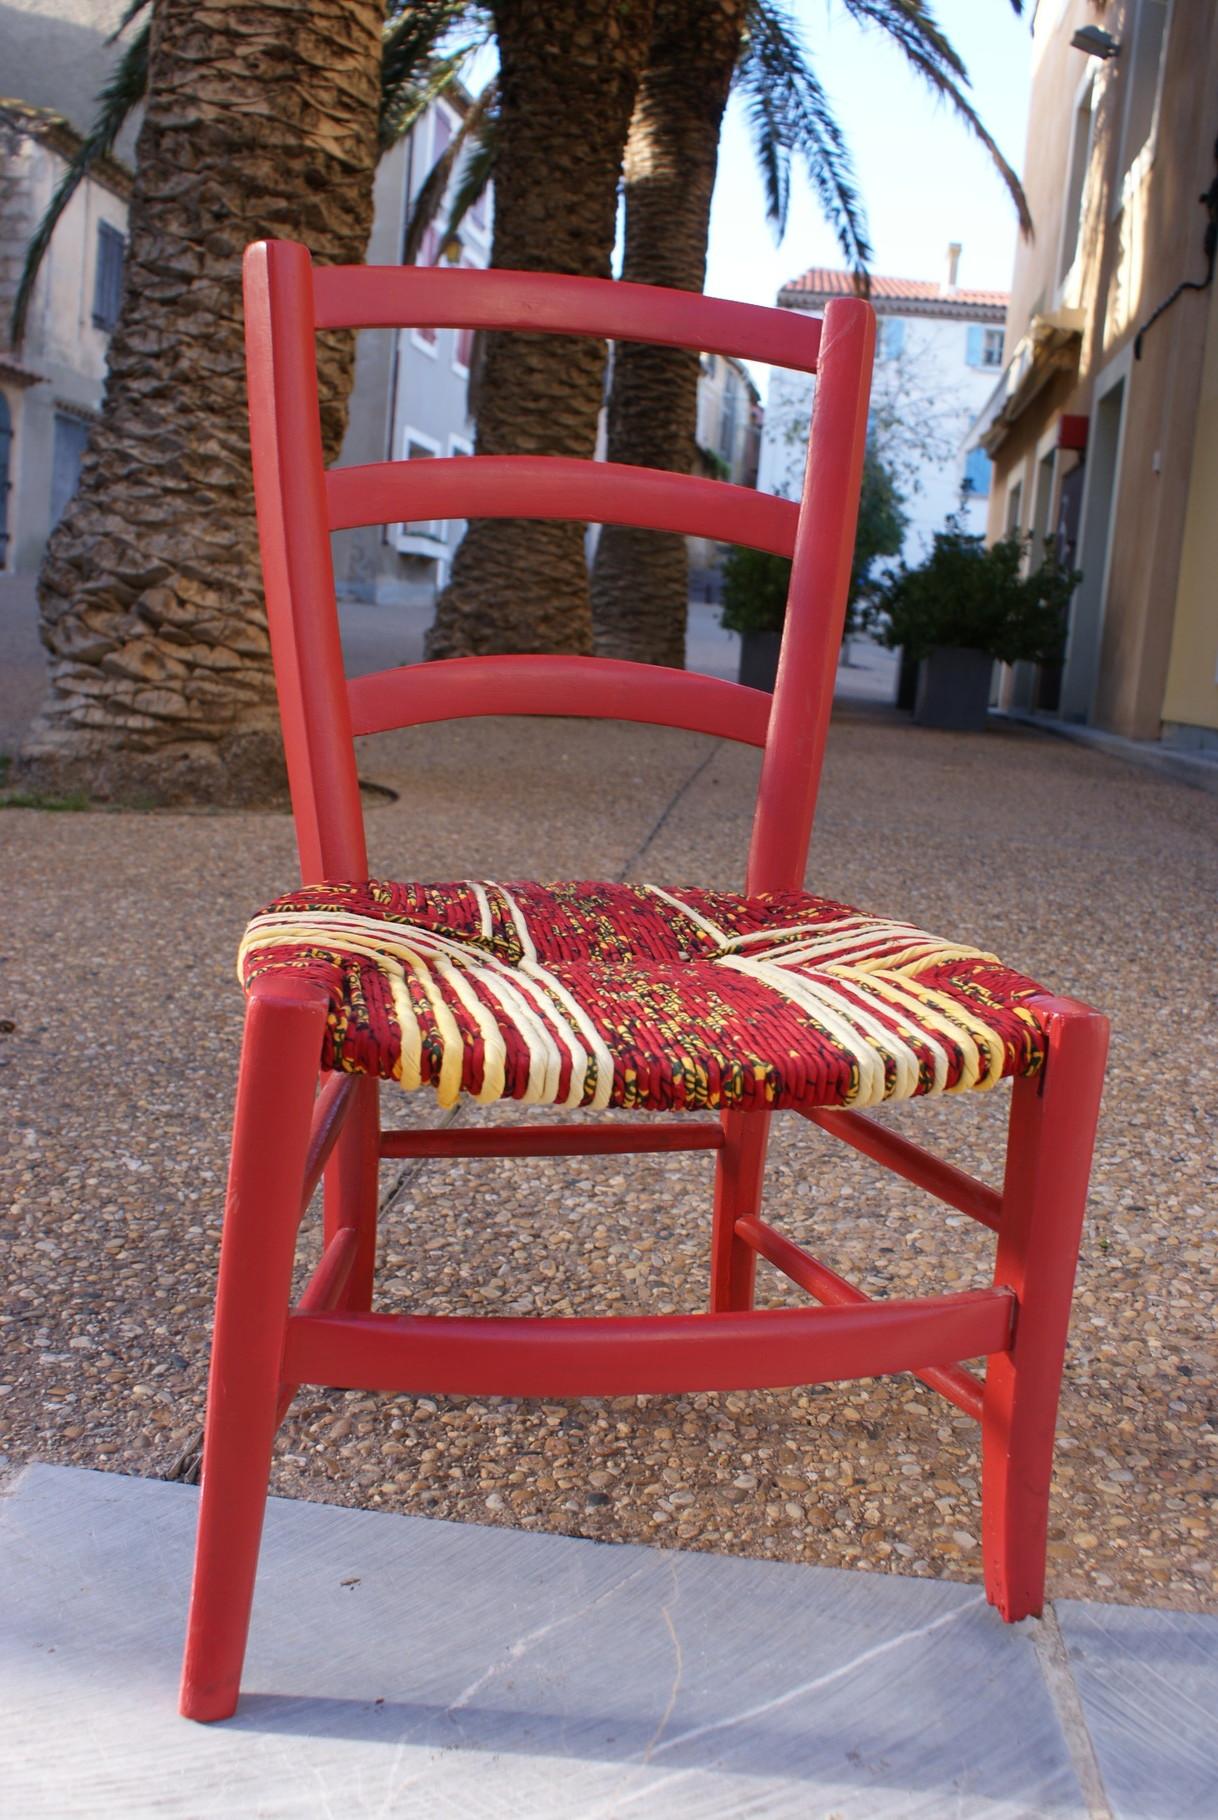 Ancienne chaise basse, repeinte dans un rouge vif. Paillage en torons de tissus (anciens draps teints en jaune et tissu africain Wax dans les tons rouges). Vue 1